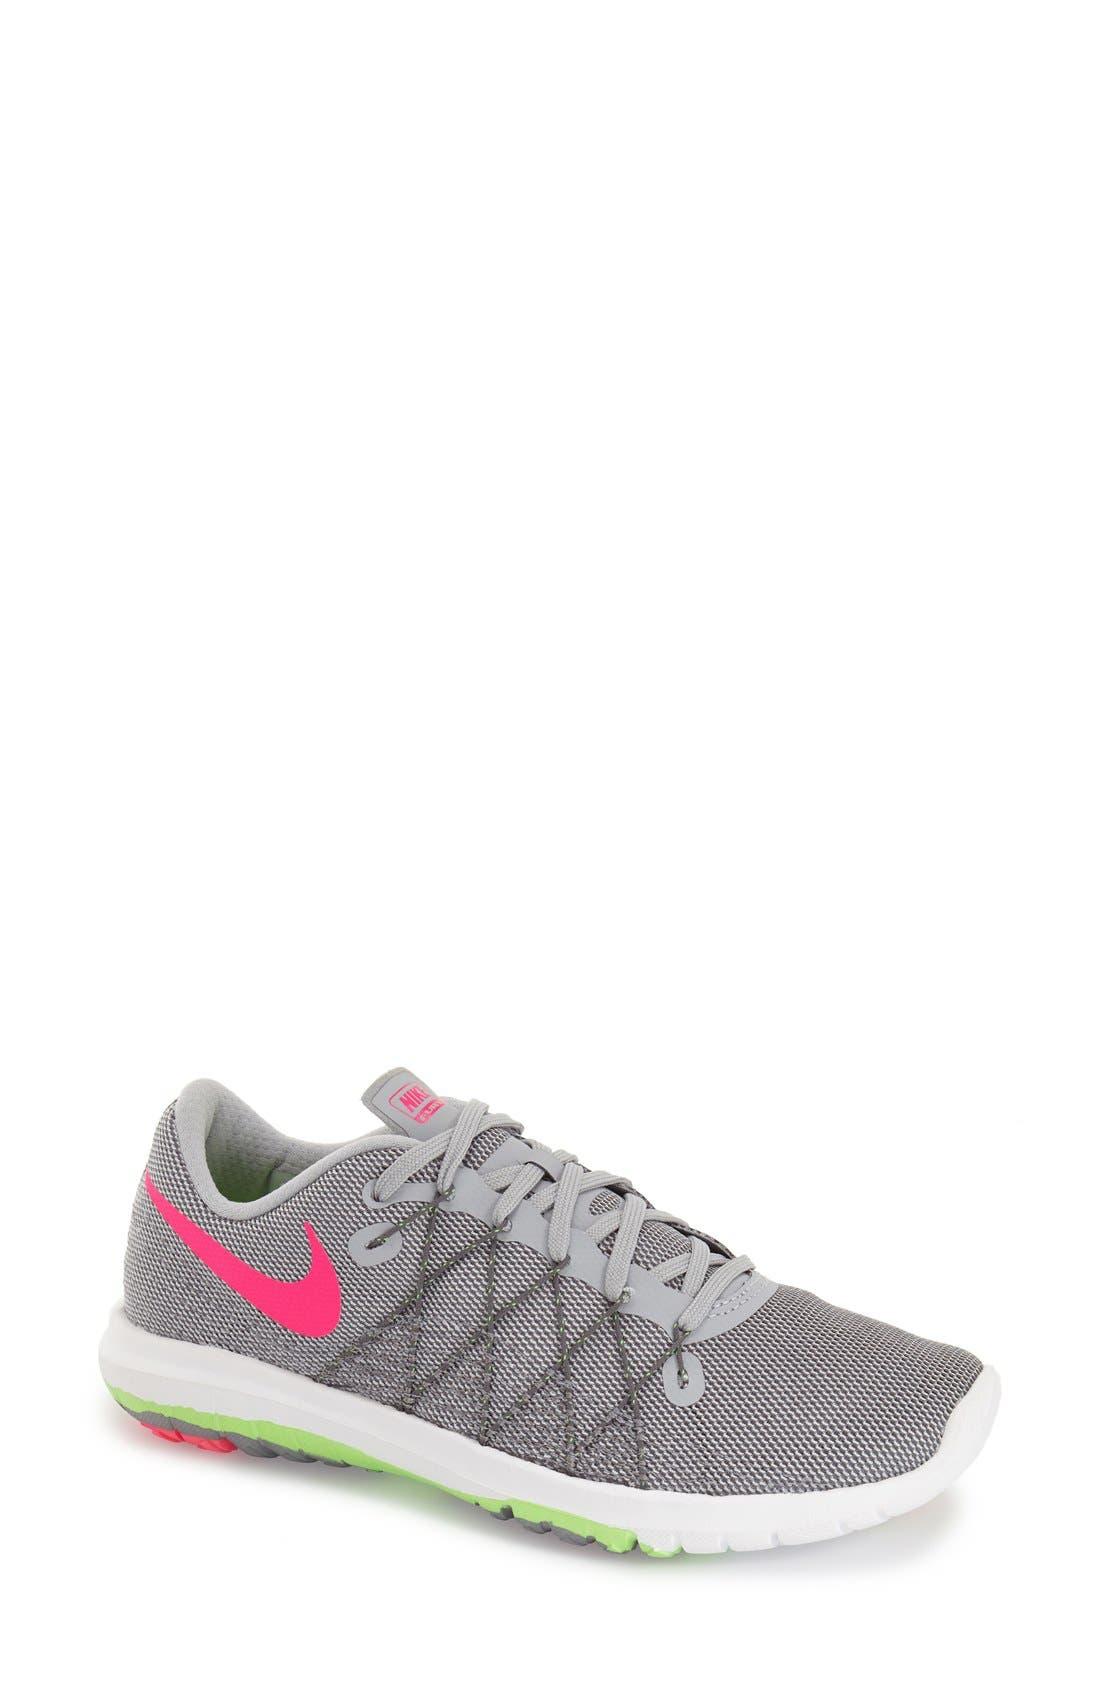 Main Image - Nike 'Flex Fury 2' Running Shoe (Women)